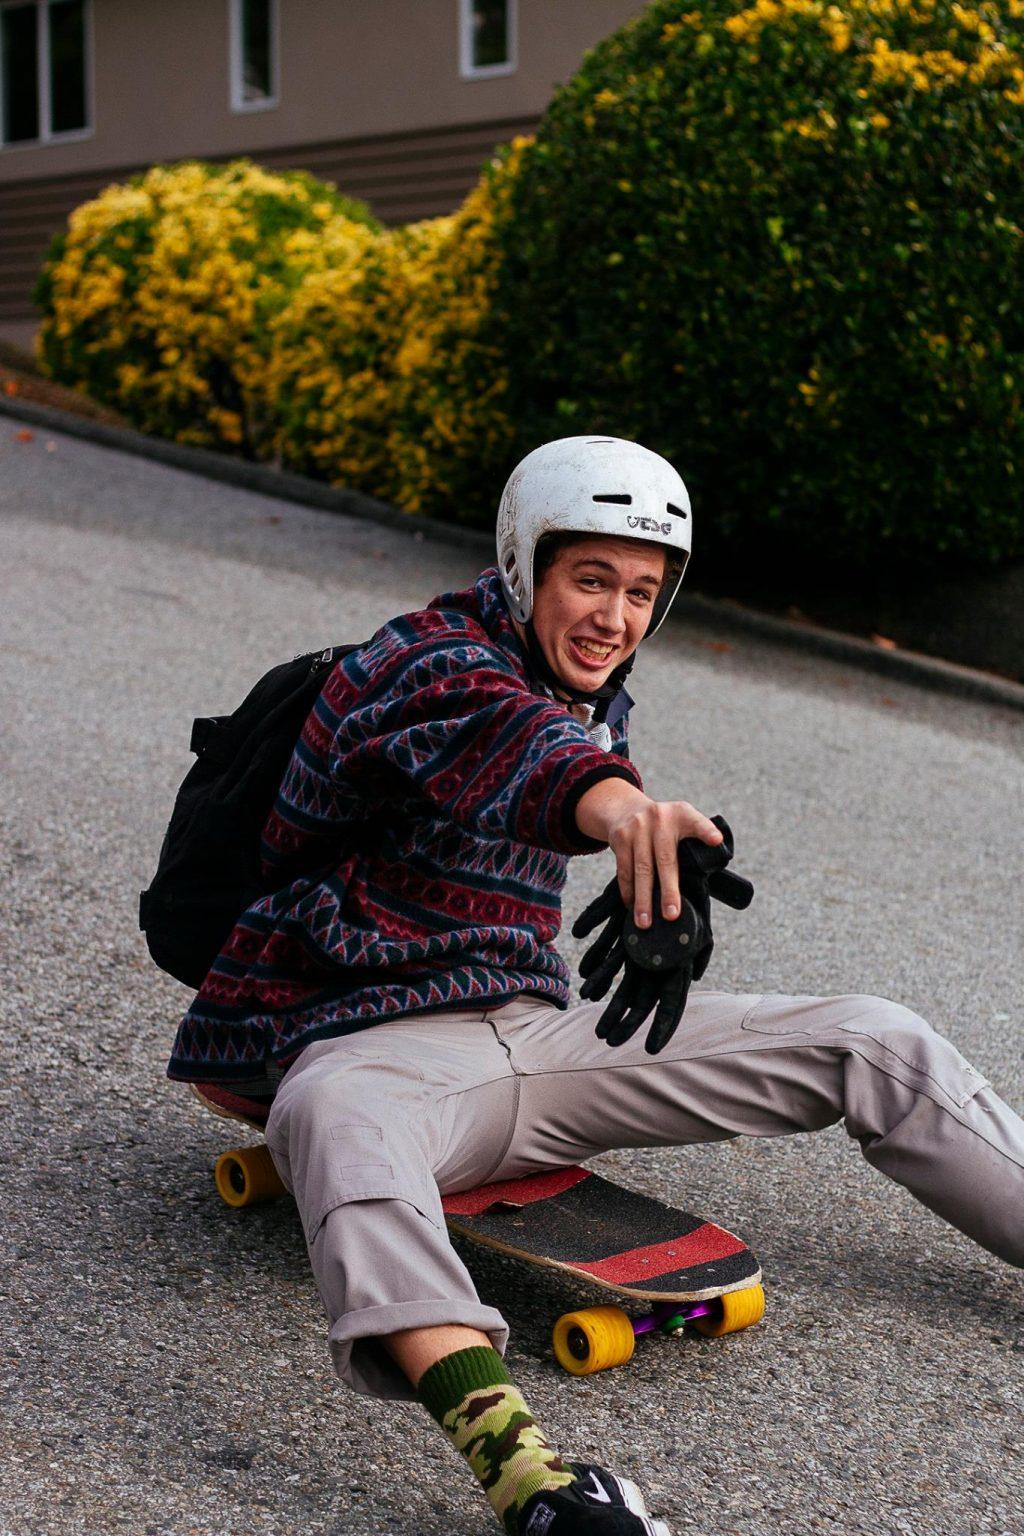 2-sam-galus-flatspot-longboards-valhalla-skateboards-higway-jam-highwayjamx-sho-ouellette-sho-stopper-longboarding